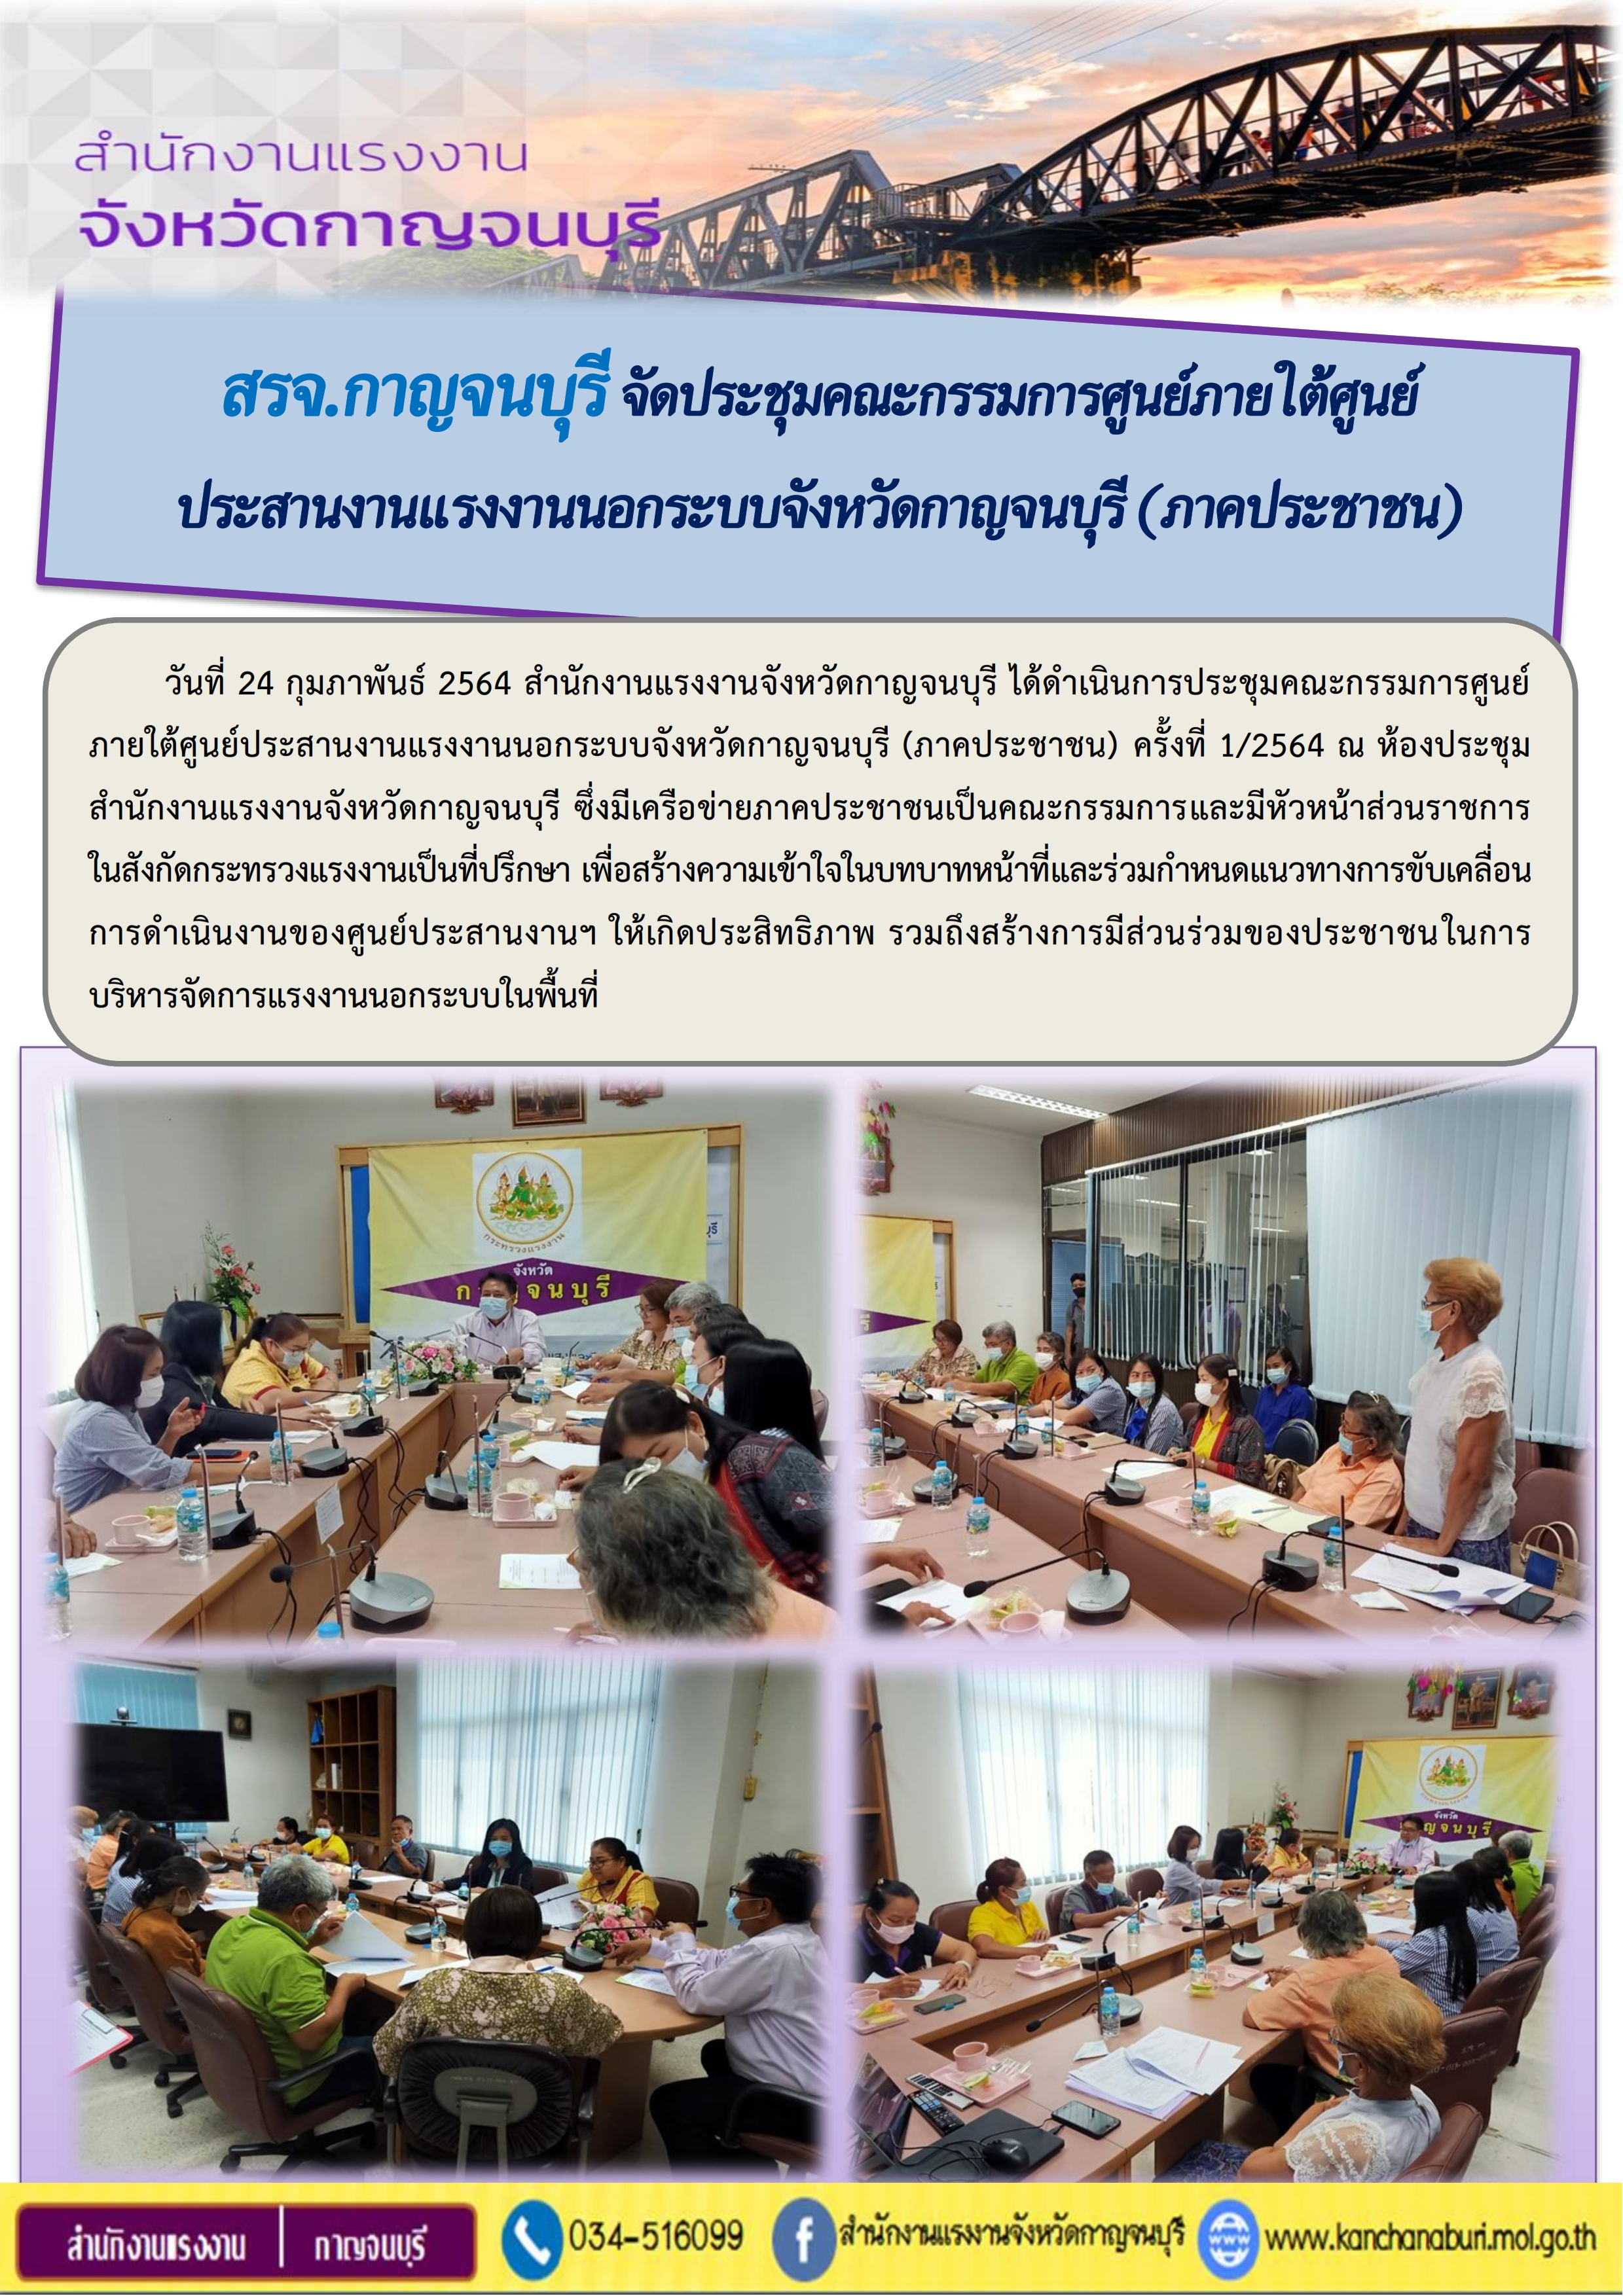 สรจ.กาญจนบุรี จัดประชุมคณะกรรมการศูนย์ภายใต้ศูนย์ประสานงานแรงงานนอกระบบจังหวัดกาญจนบุรี (ภาคประชาชน) ครั้งที่ 1/2564